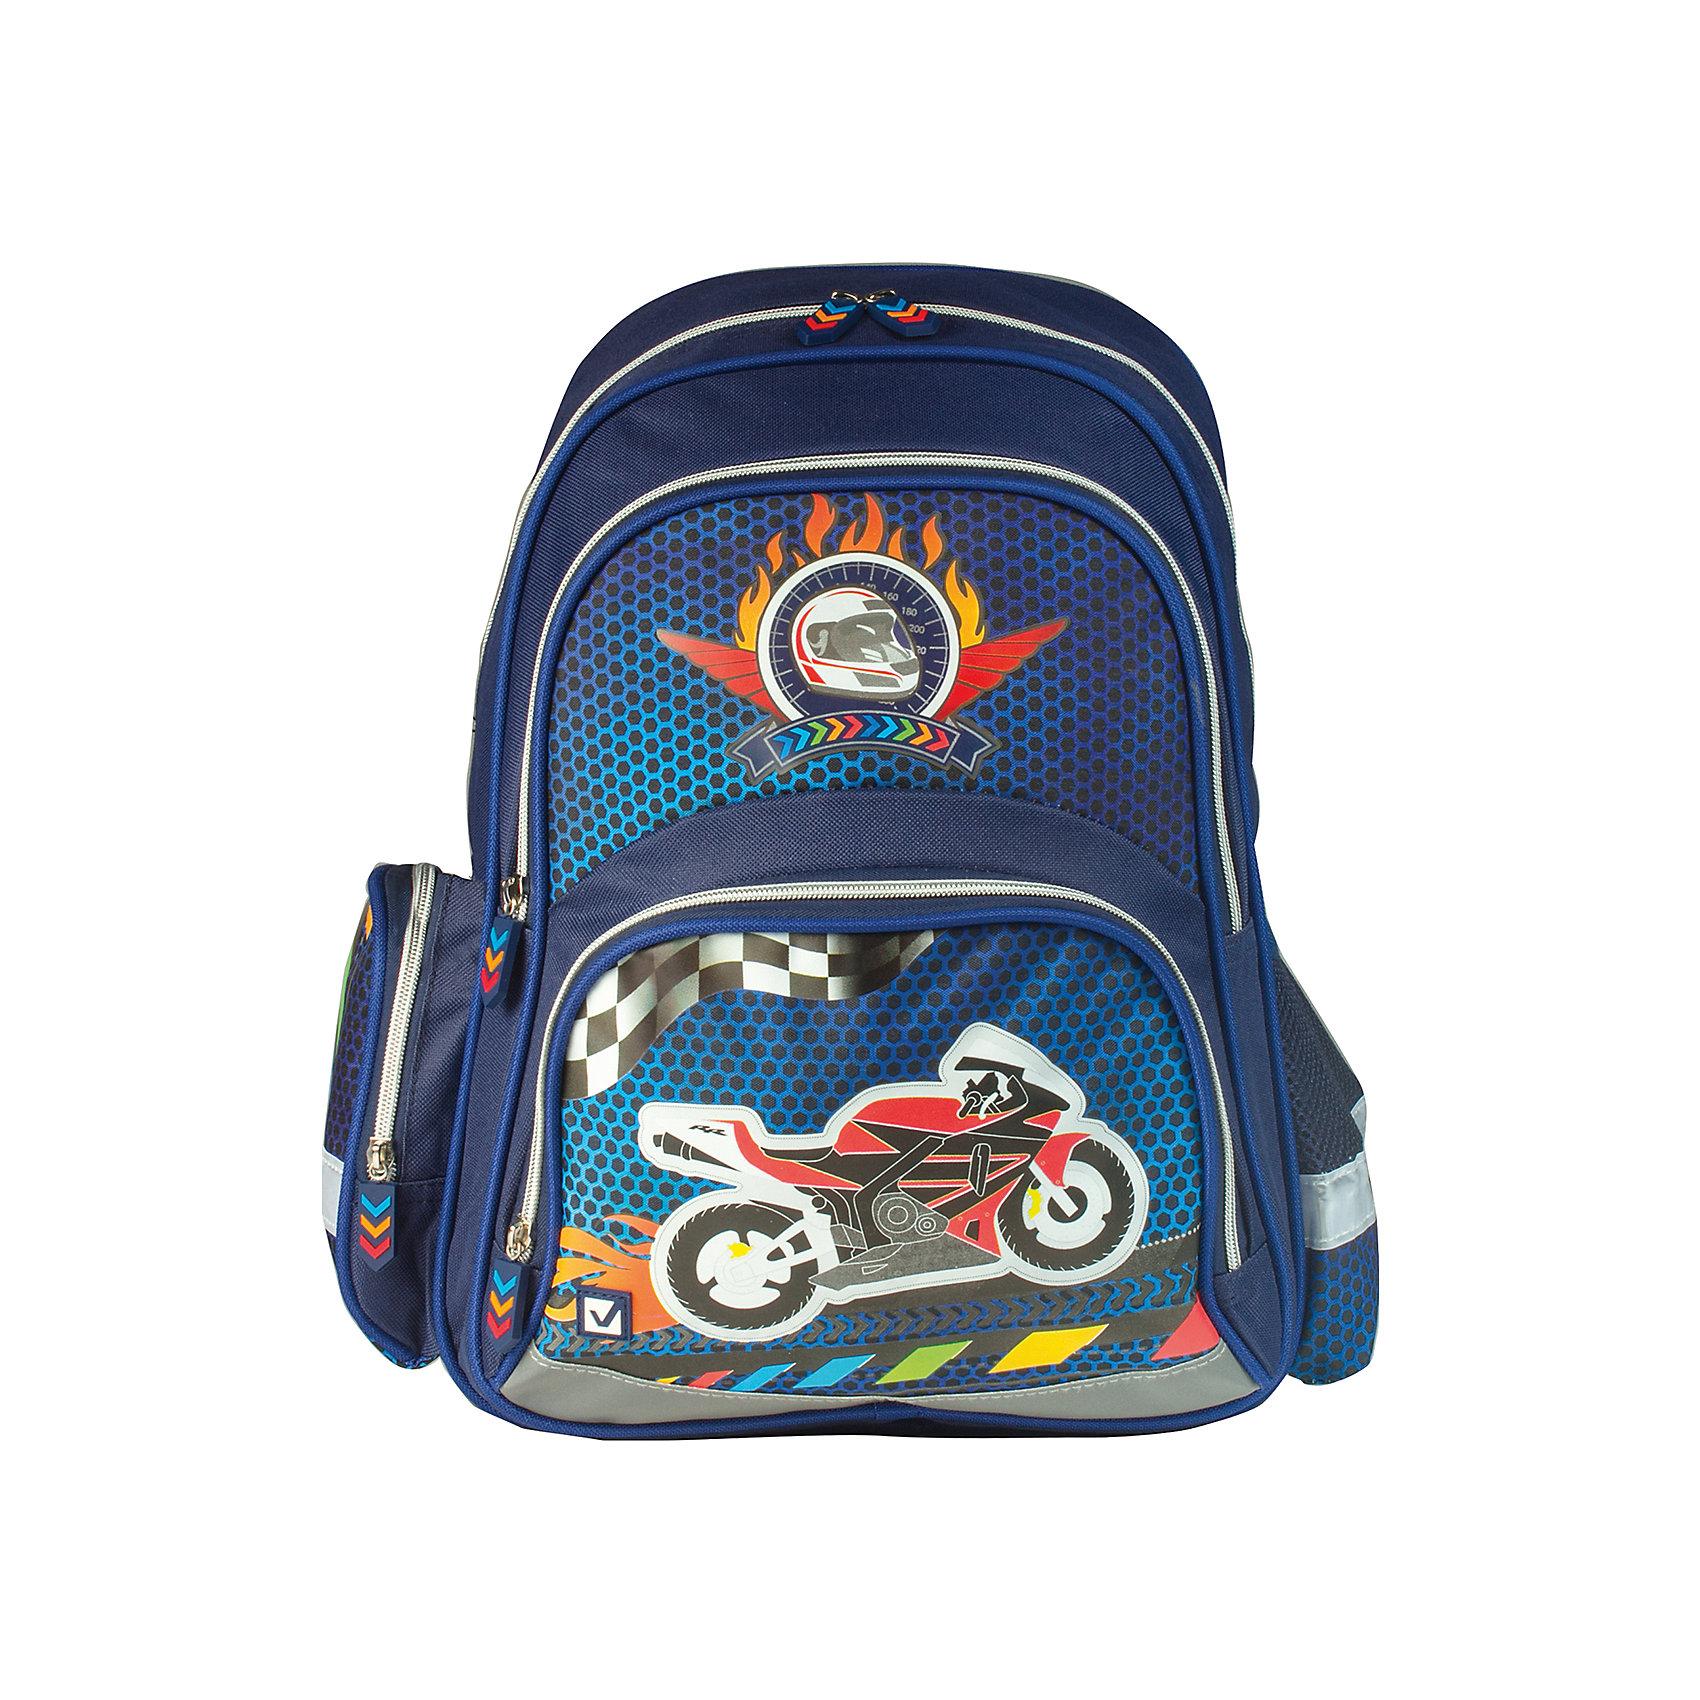 Рюкзак РайдерРюкзак Мотоцикл предназначен для мальчиков 7-10 лет. Он украшен изображением мотоцикла, что обязательно привлечет любителей гонок.<br><br>Ширина мм: 10<br>Глубина мм: 34<br>Высота мм: 11<br>Вес г: 379<br>Возраст от месяцев: 72<br>Возраст до месяцев: 144<br>Пол: Мужской<br>Возраст: Детский<br>SKU: 4874345